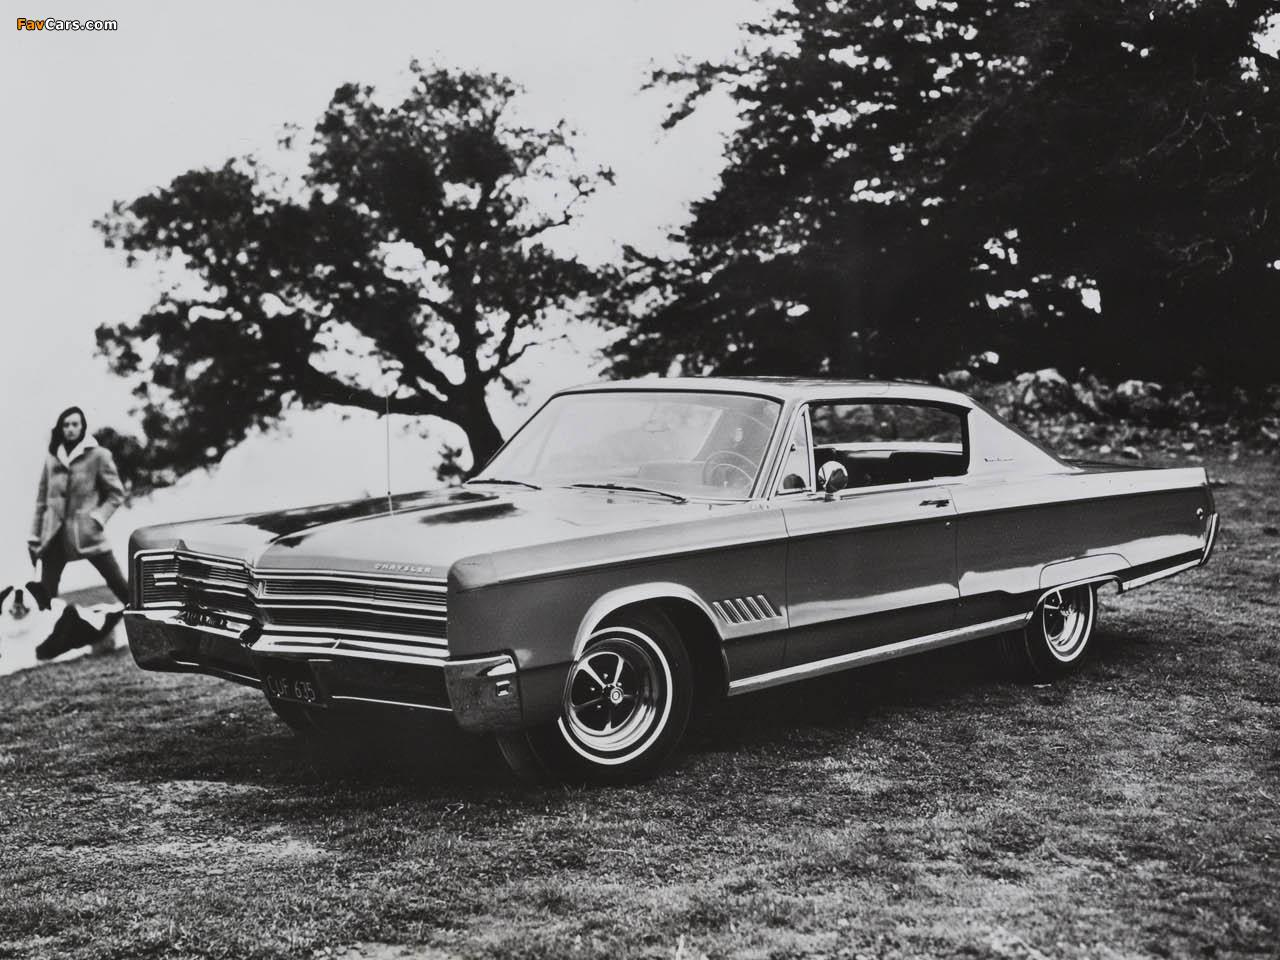 Chrysler 300 2-door Hardtop 1968 pictures (1280 x 960)